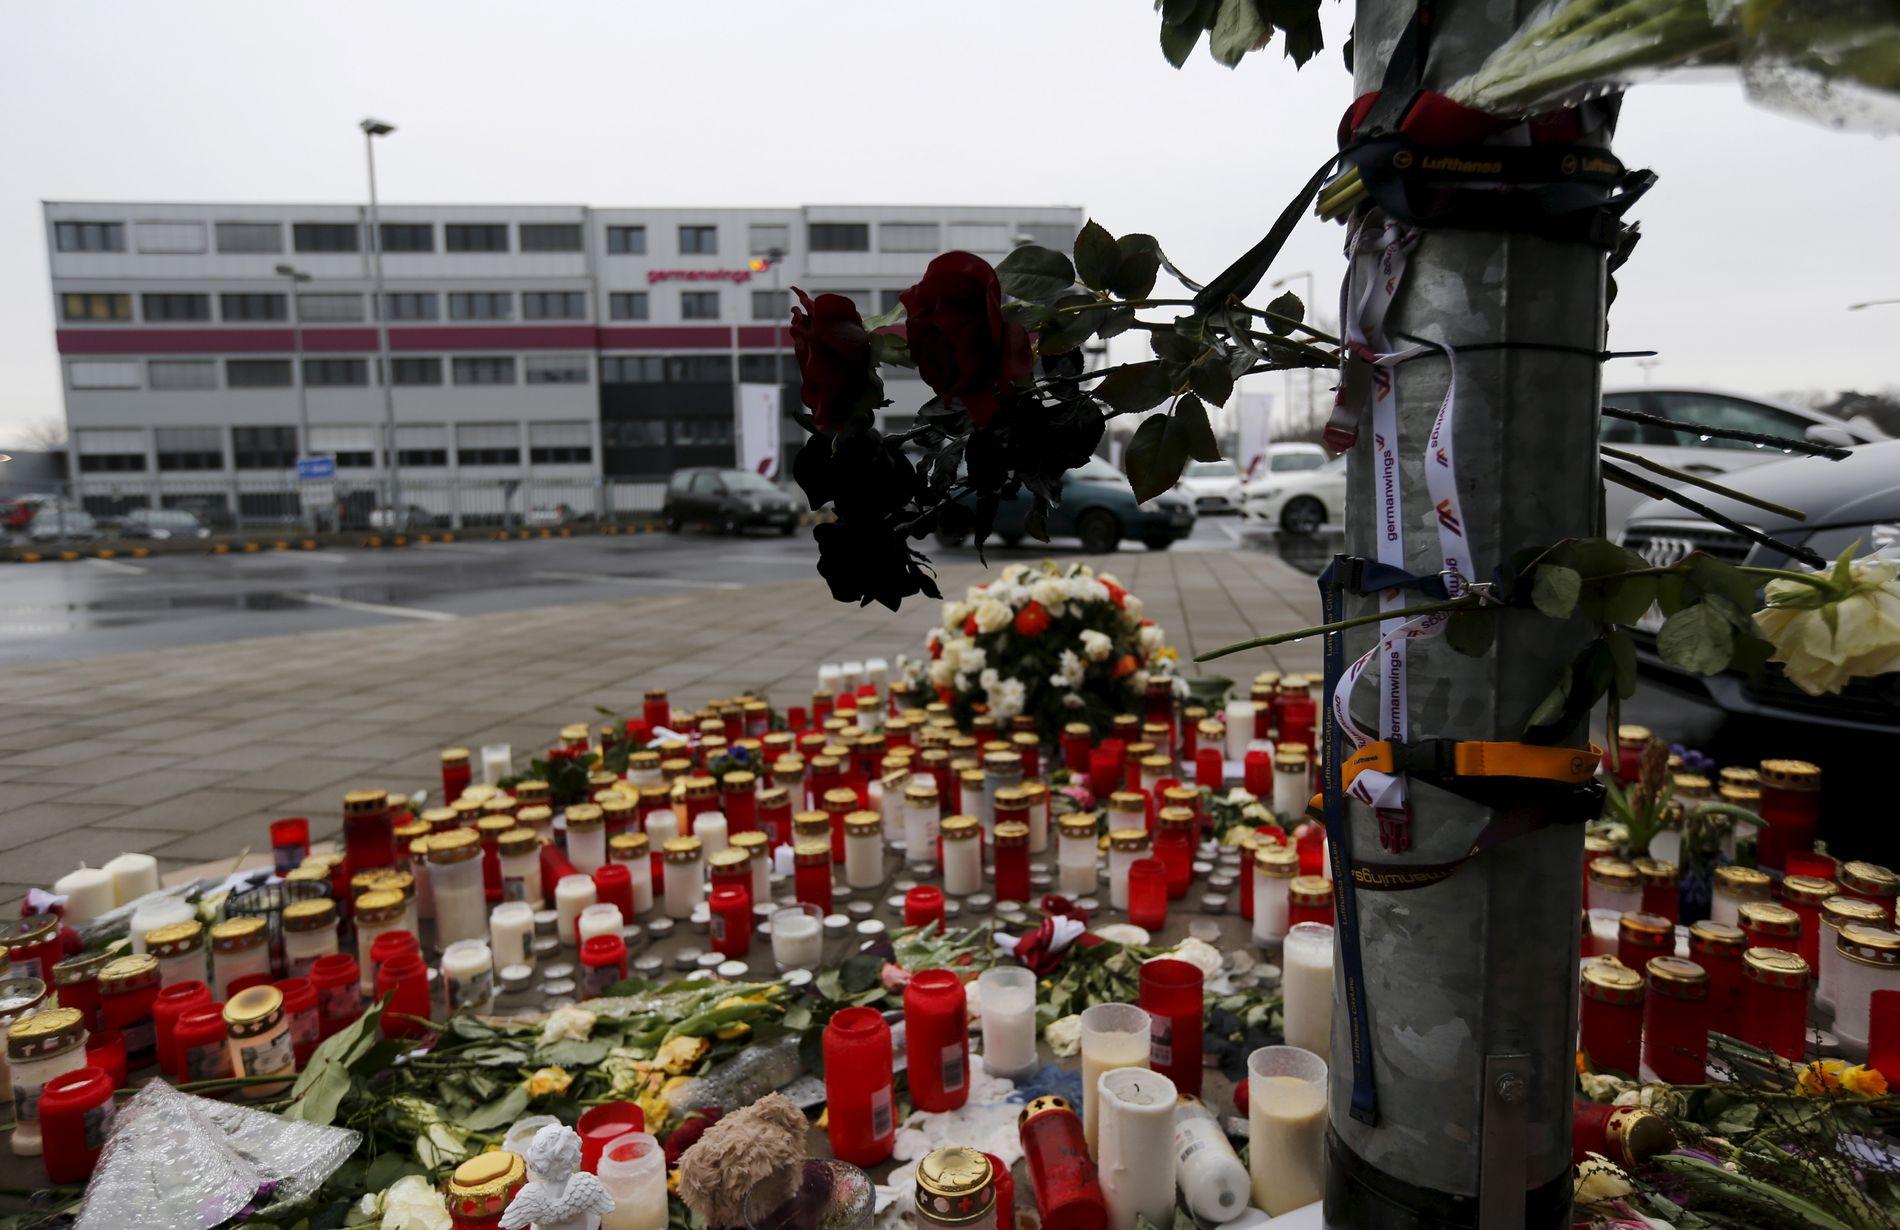 UTENFOR GERMANWINGS: I tiden etter flystyrten i mars 2015, var det et hav av blomster og lys utenfor Germanwings`hovedkvarter ved Cologne-Bonn-flyplass. FOTO: REUTERS